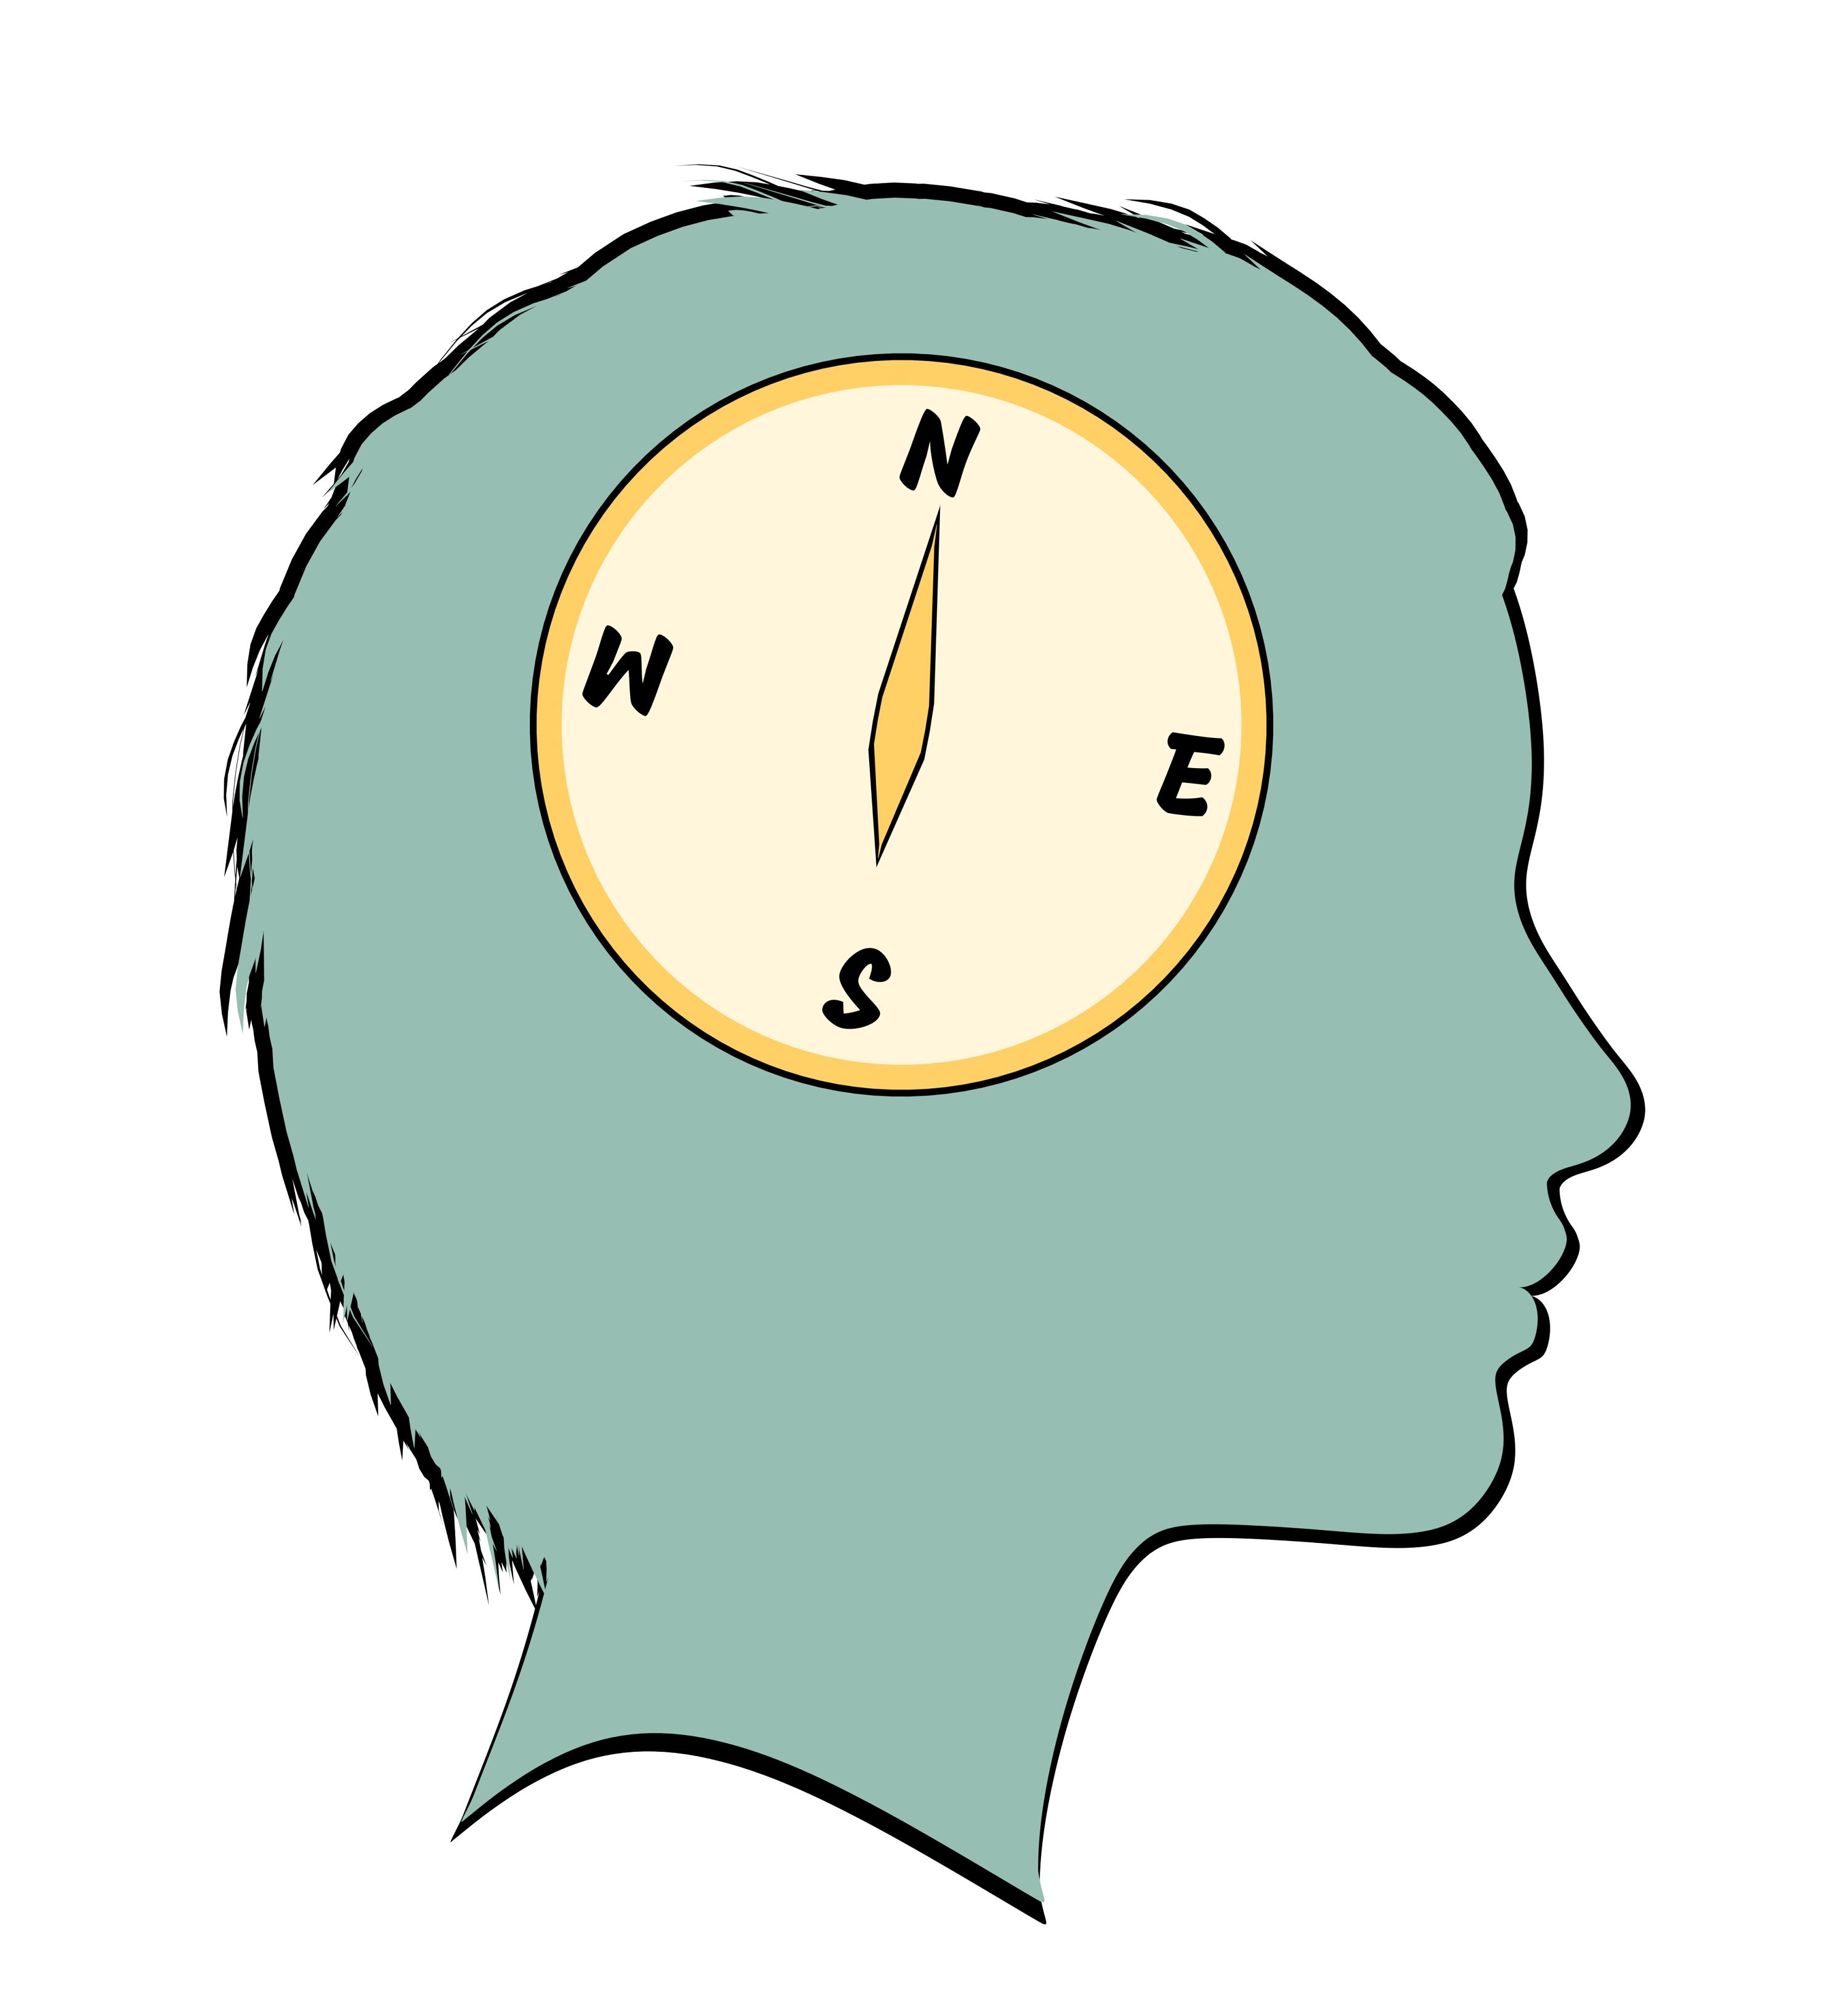 Recibe GRATIS actualizaciones del blog suscribiéndote a la Newsletter de Psicología que me Guía